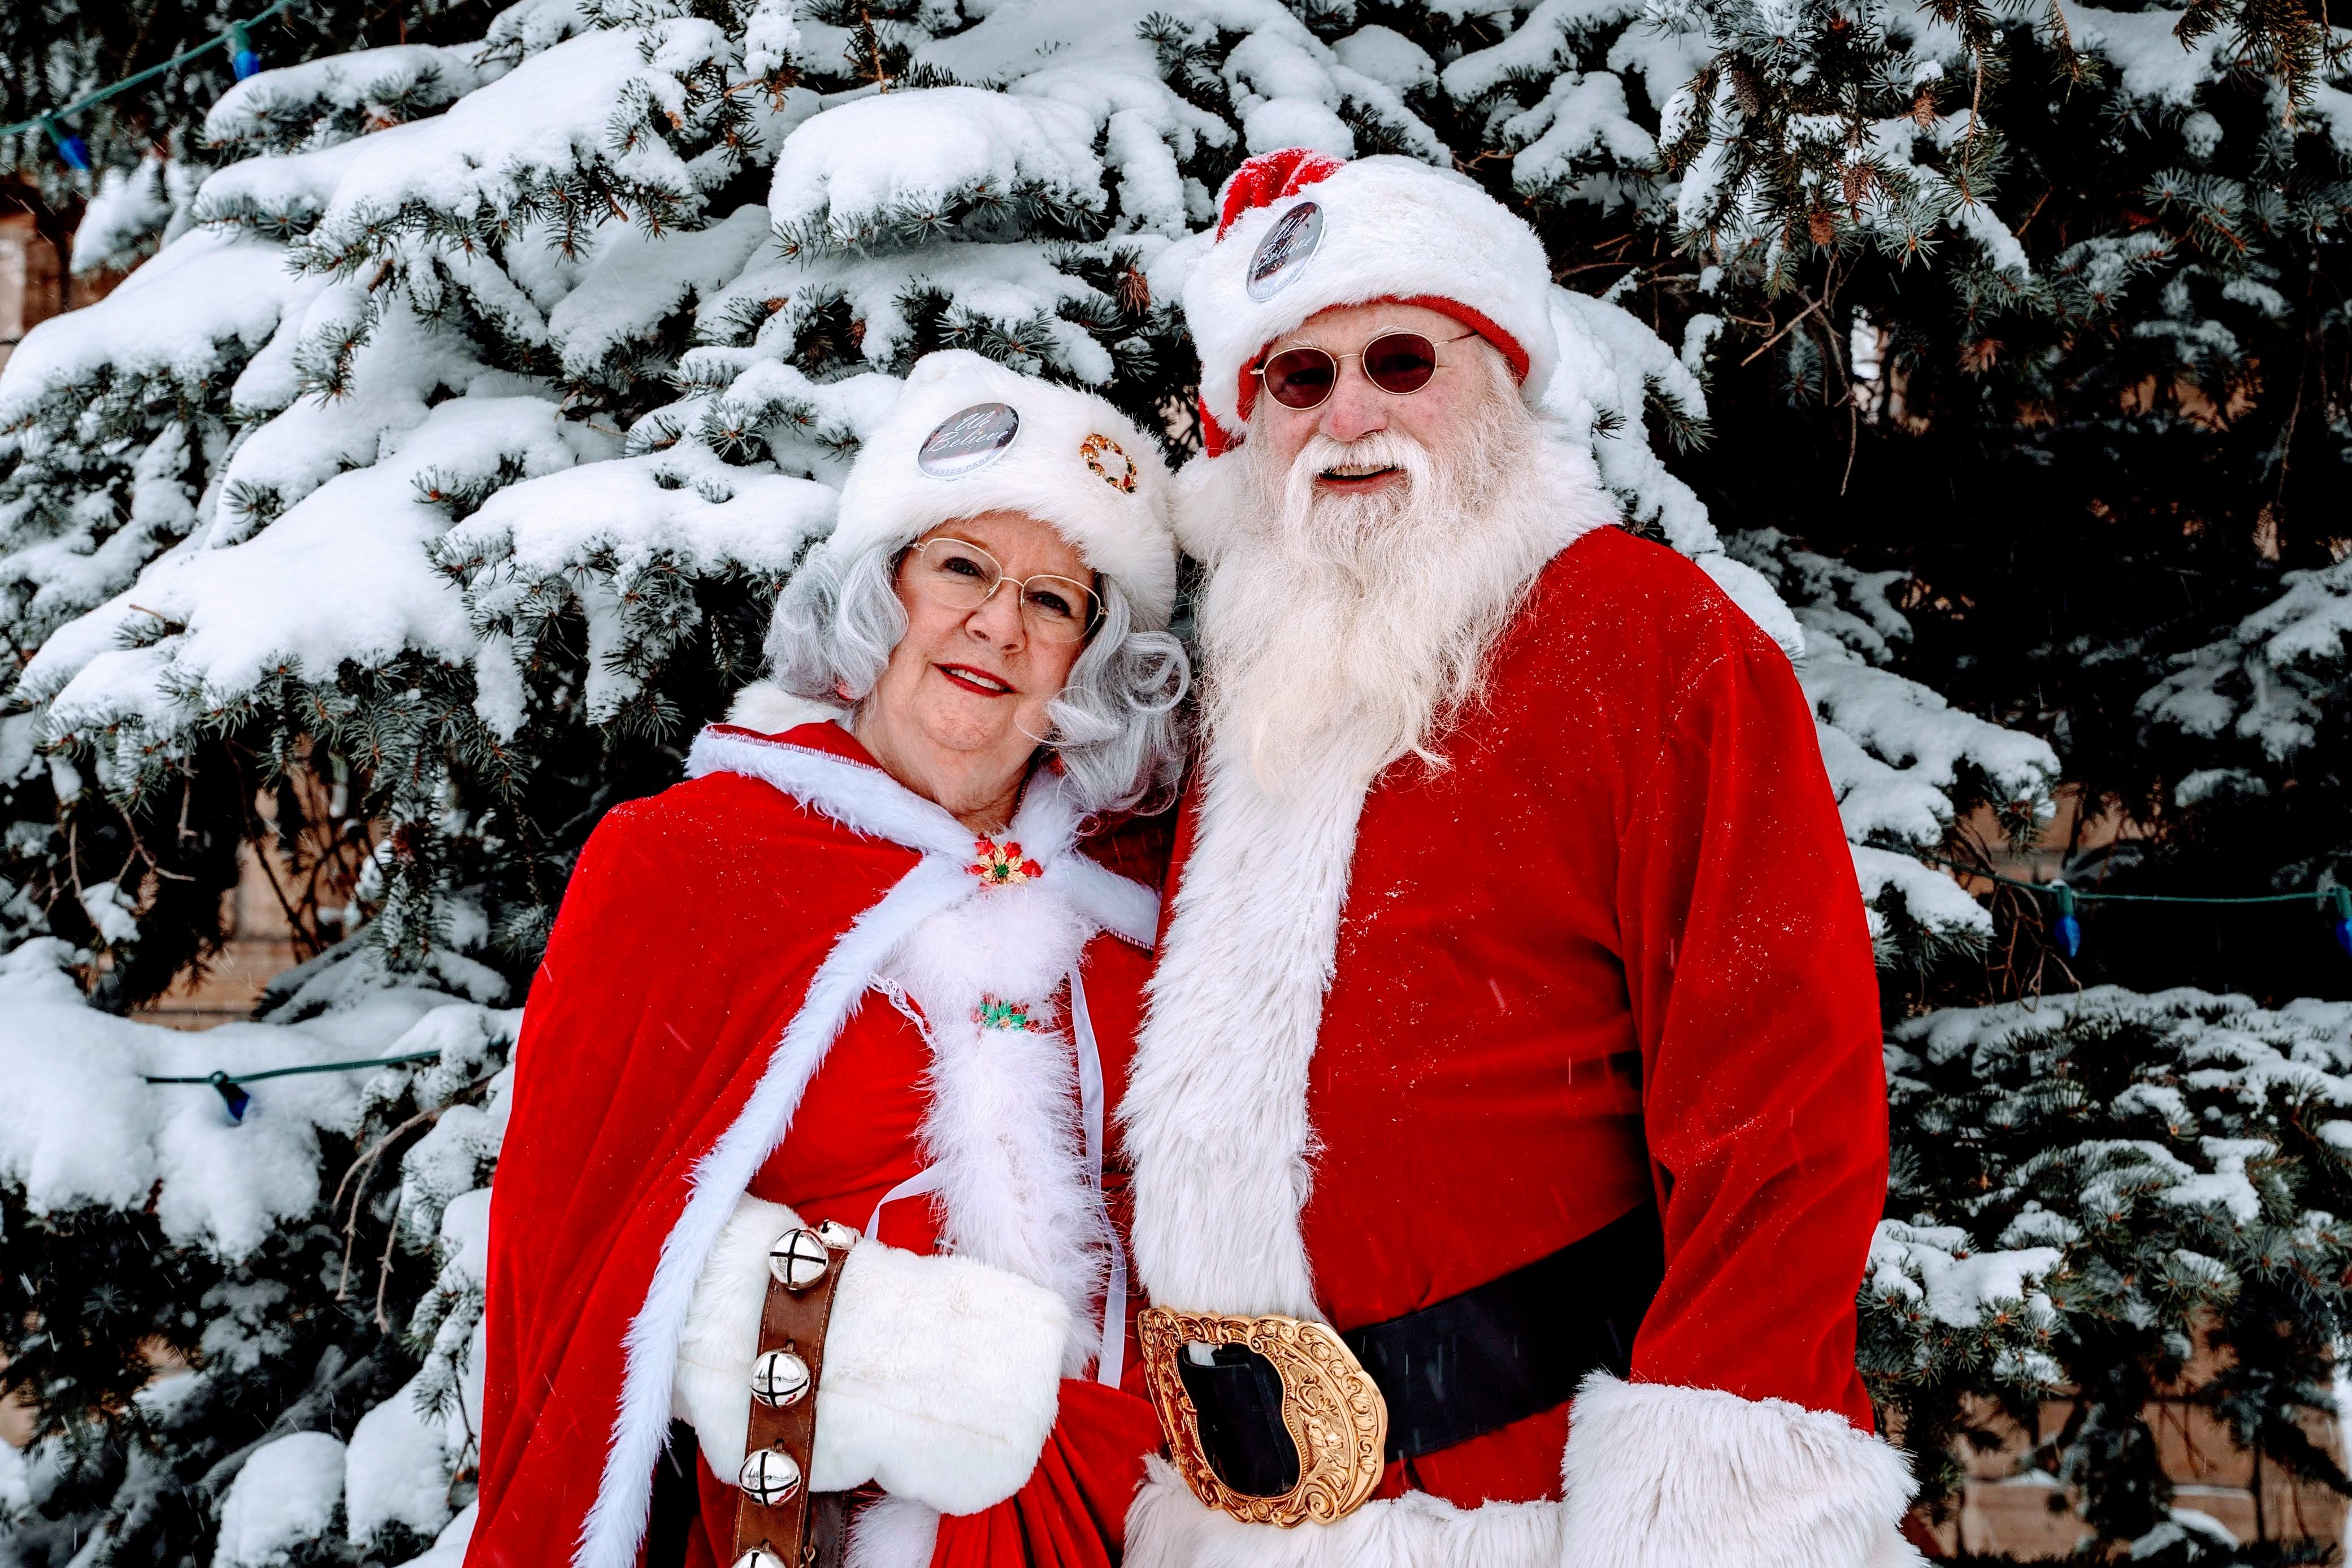 Santa Ms Claus We Believe